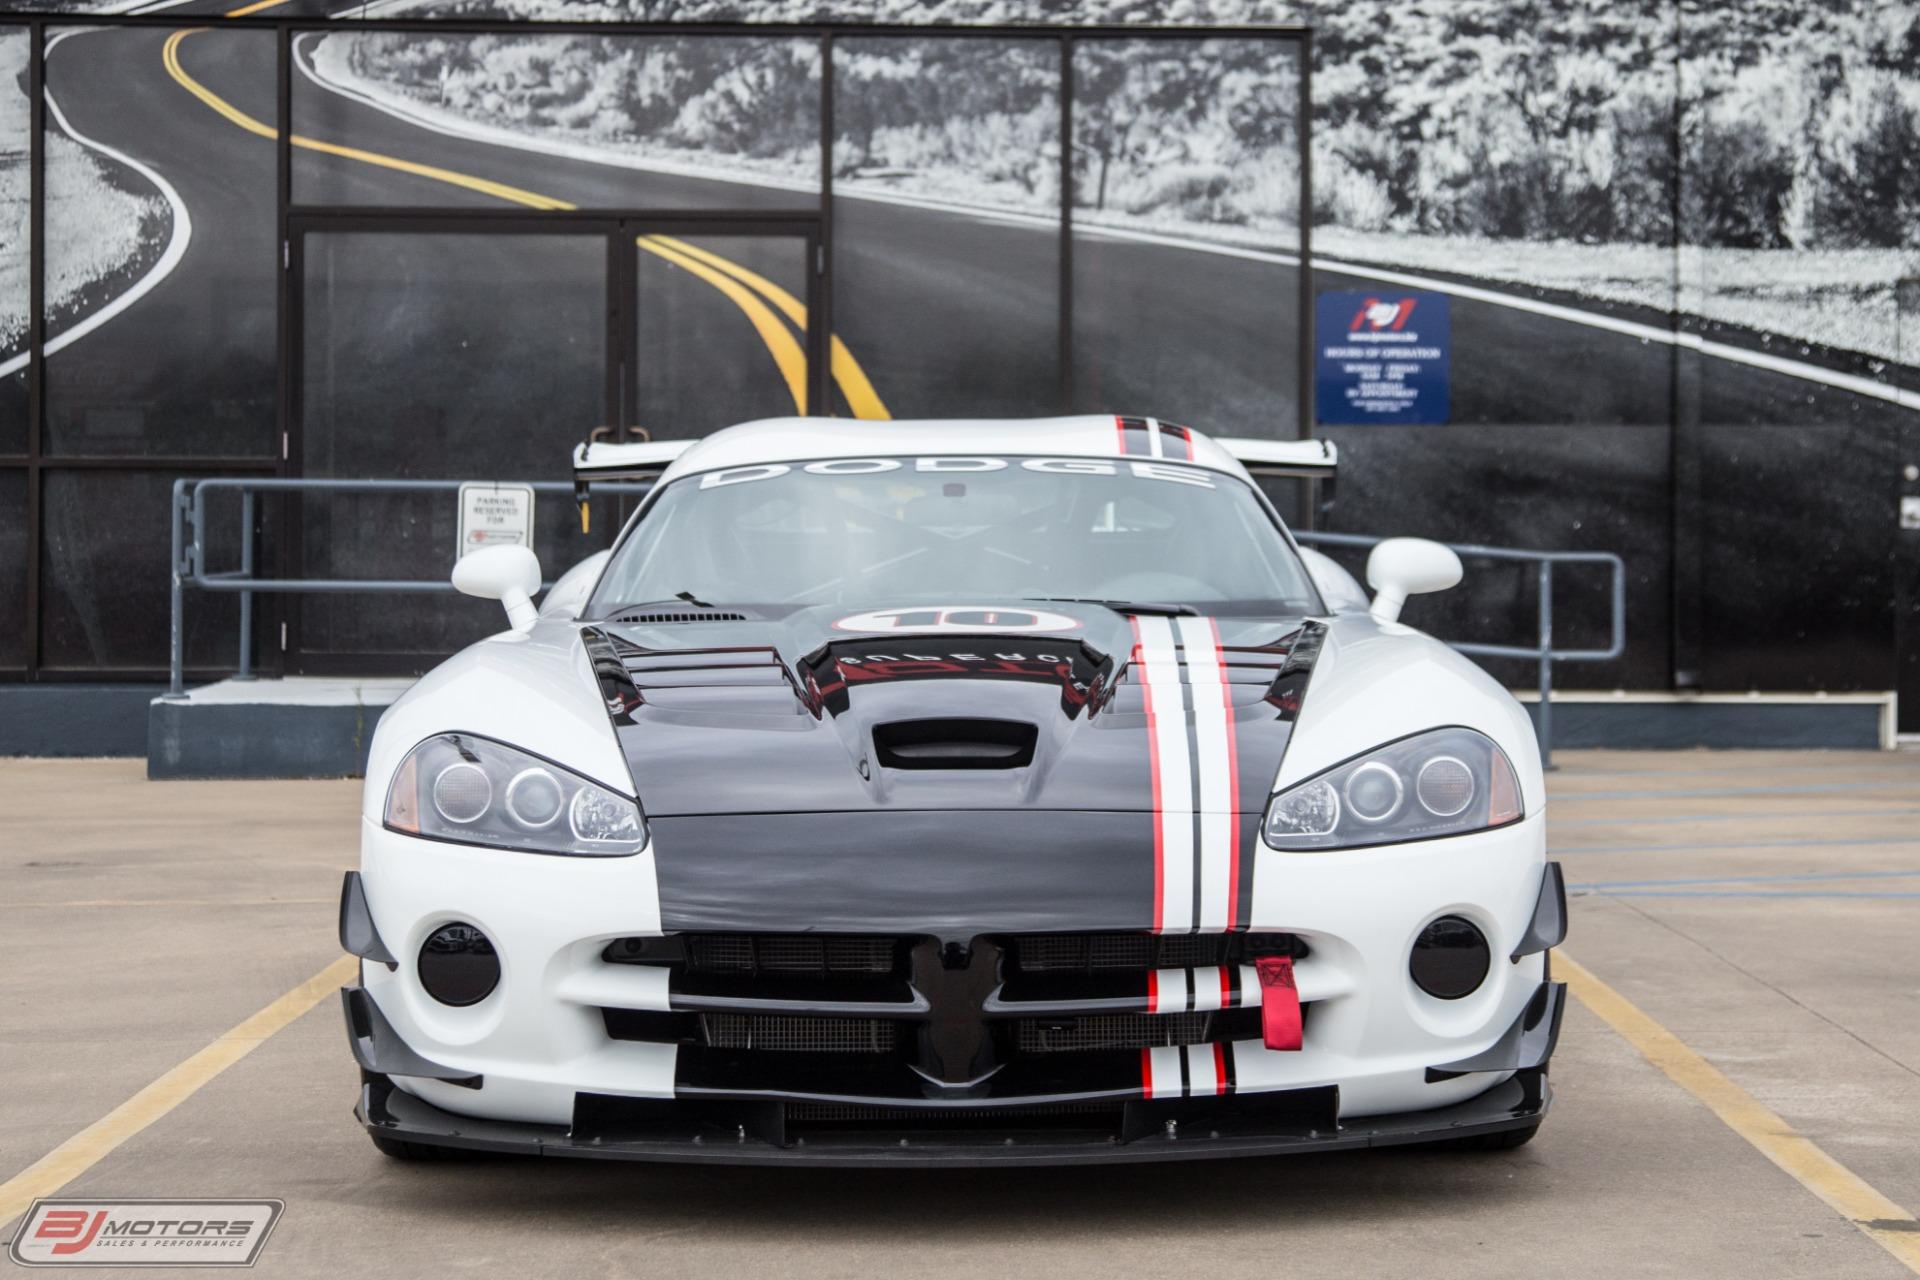 Used-2010-Dodge-Viper-ACRX-002